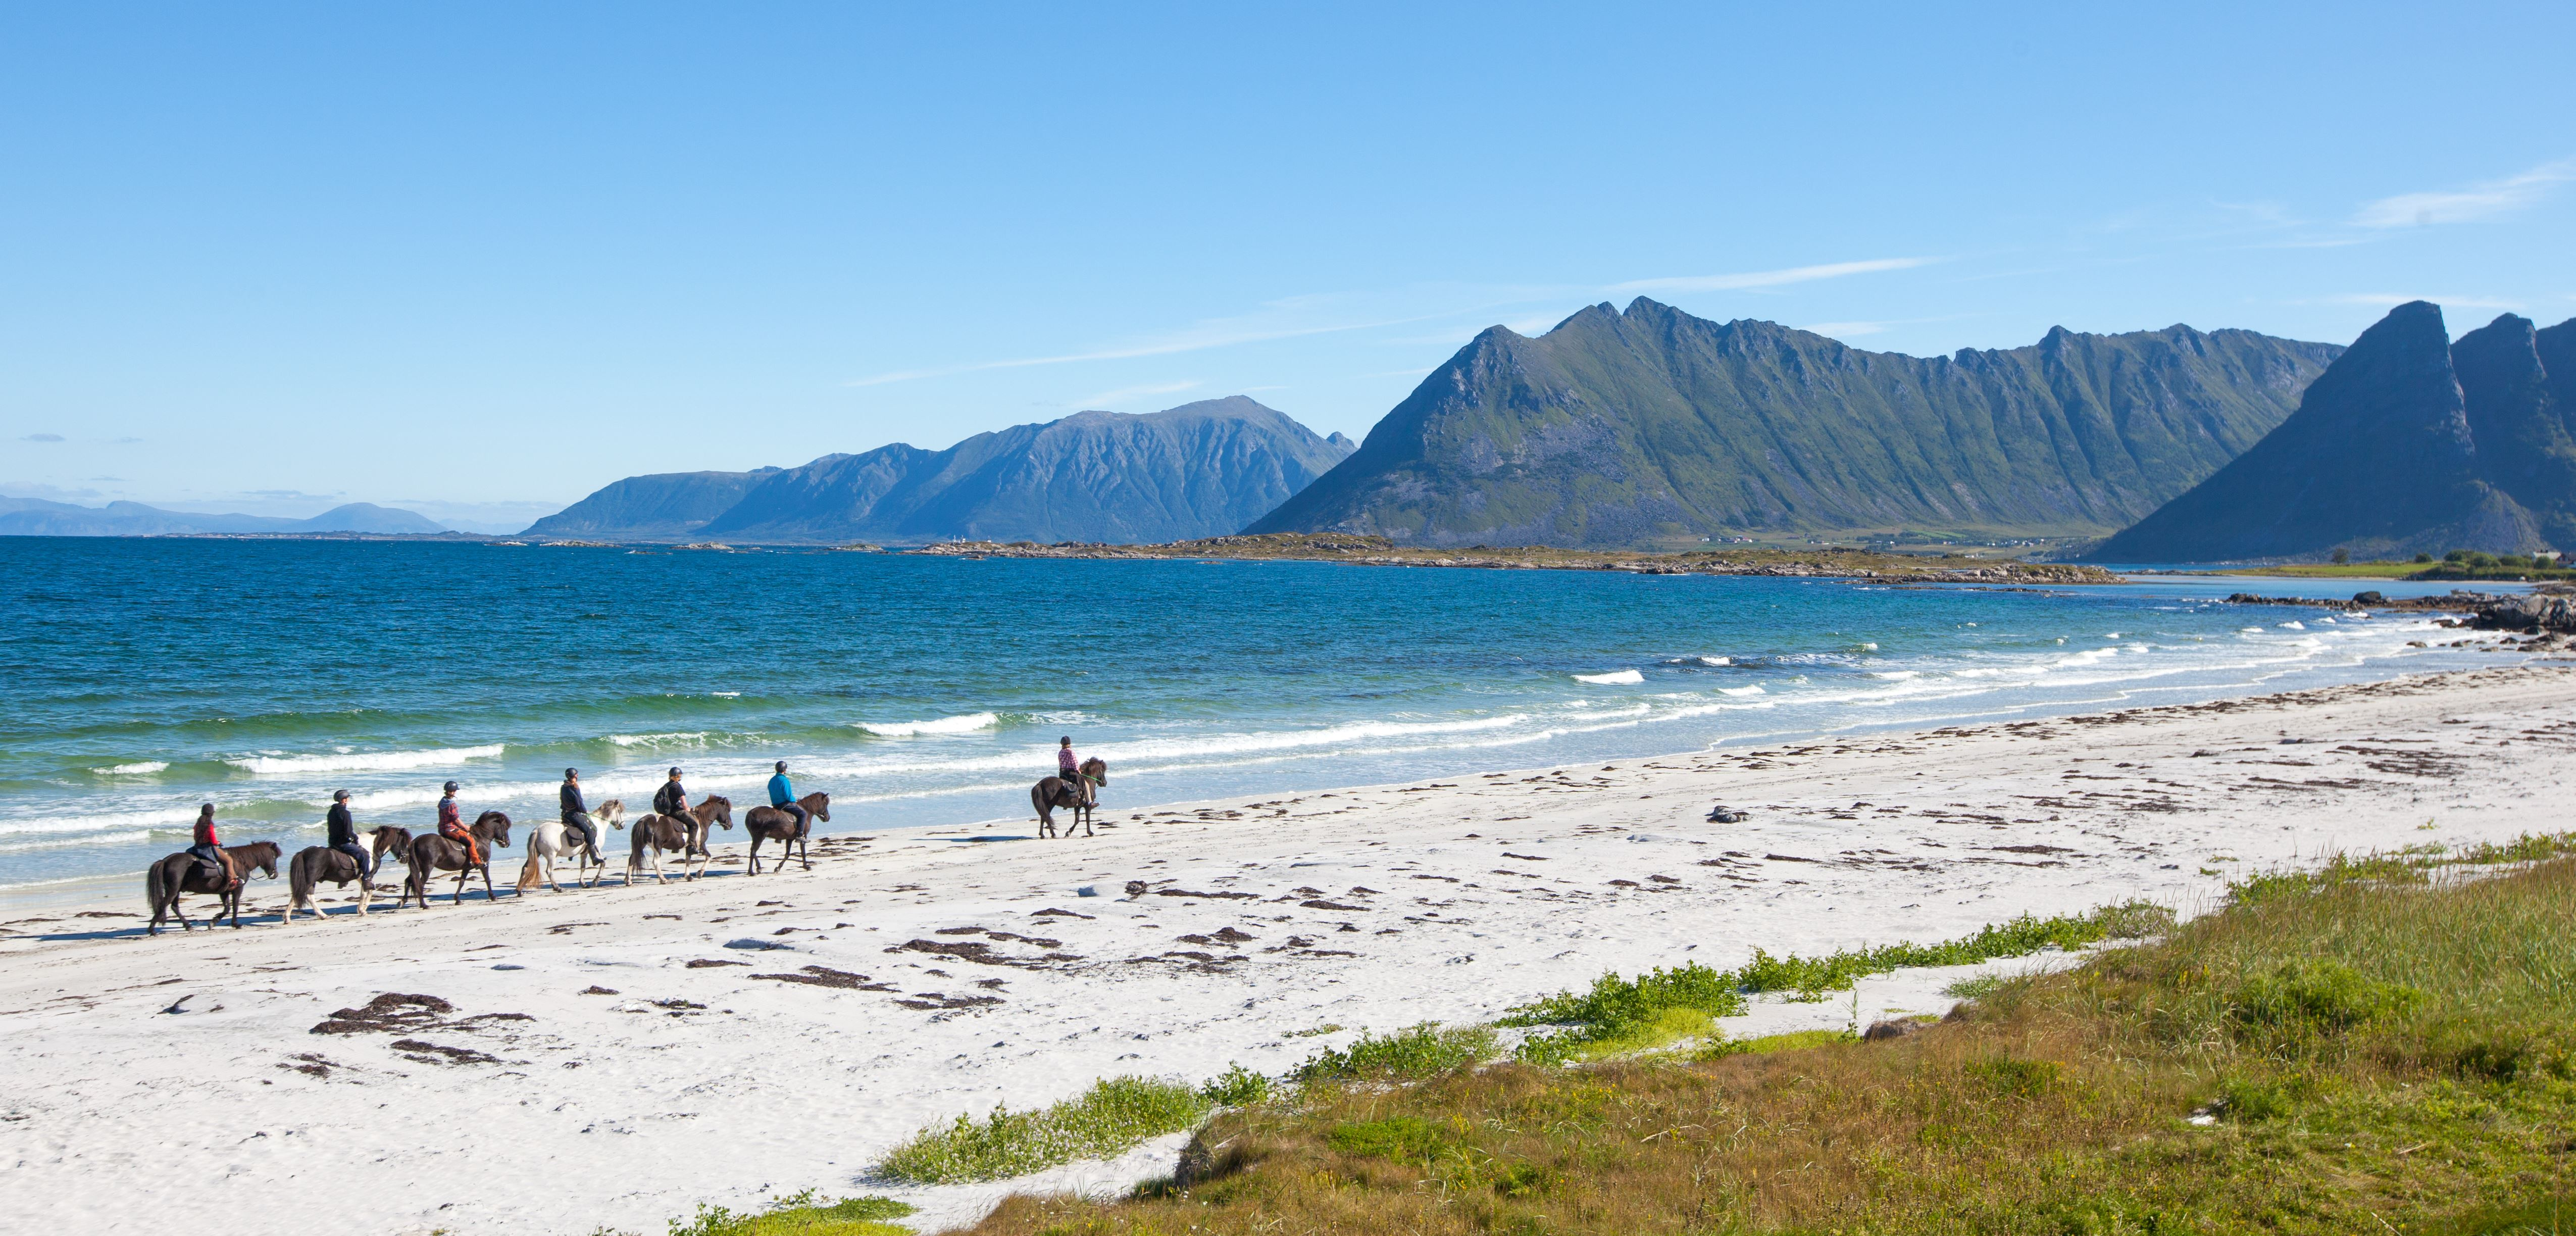 Halvdagstur til Vinjestranda - Turridning på Islandshest i Lofoten